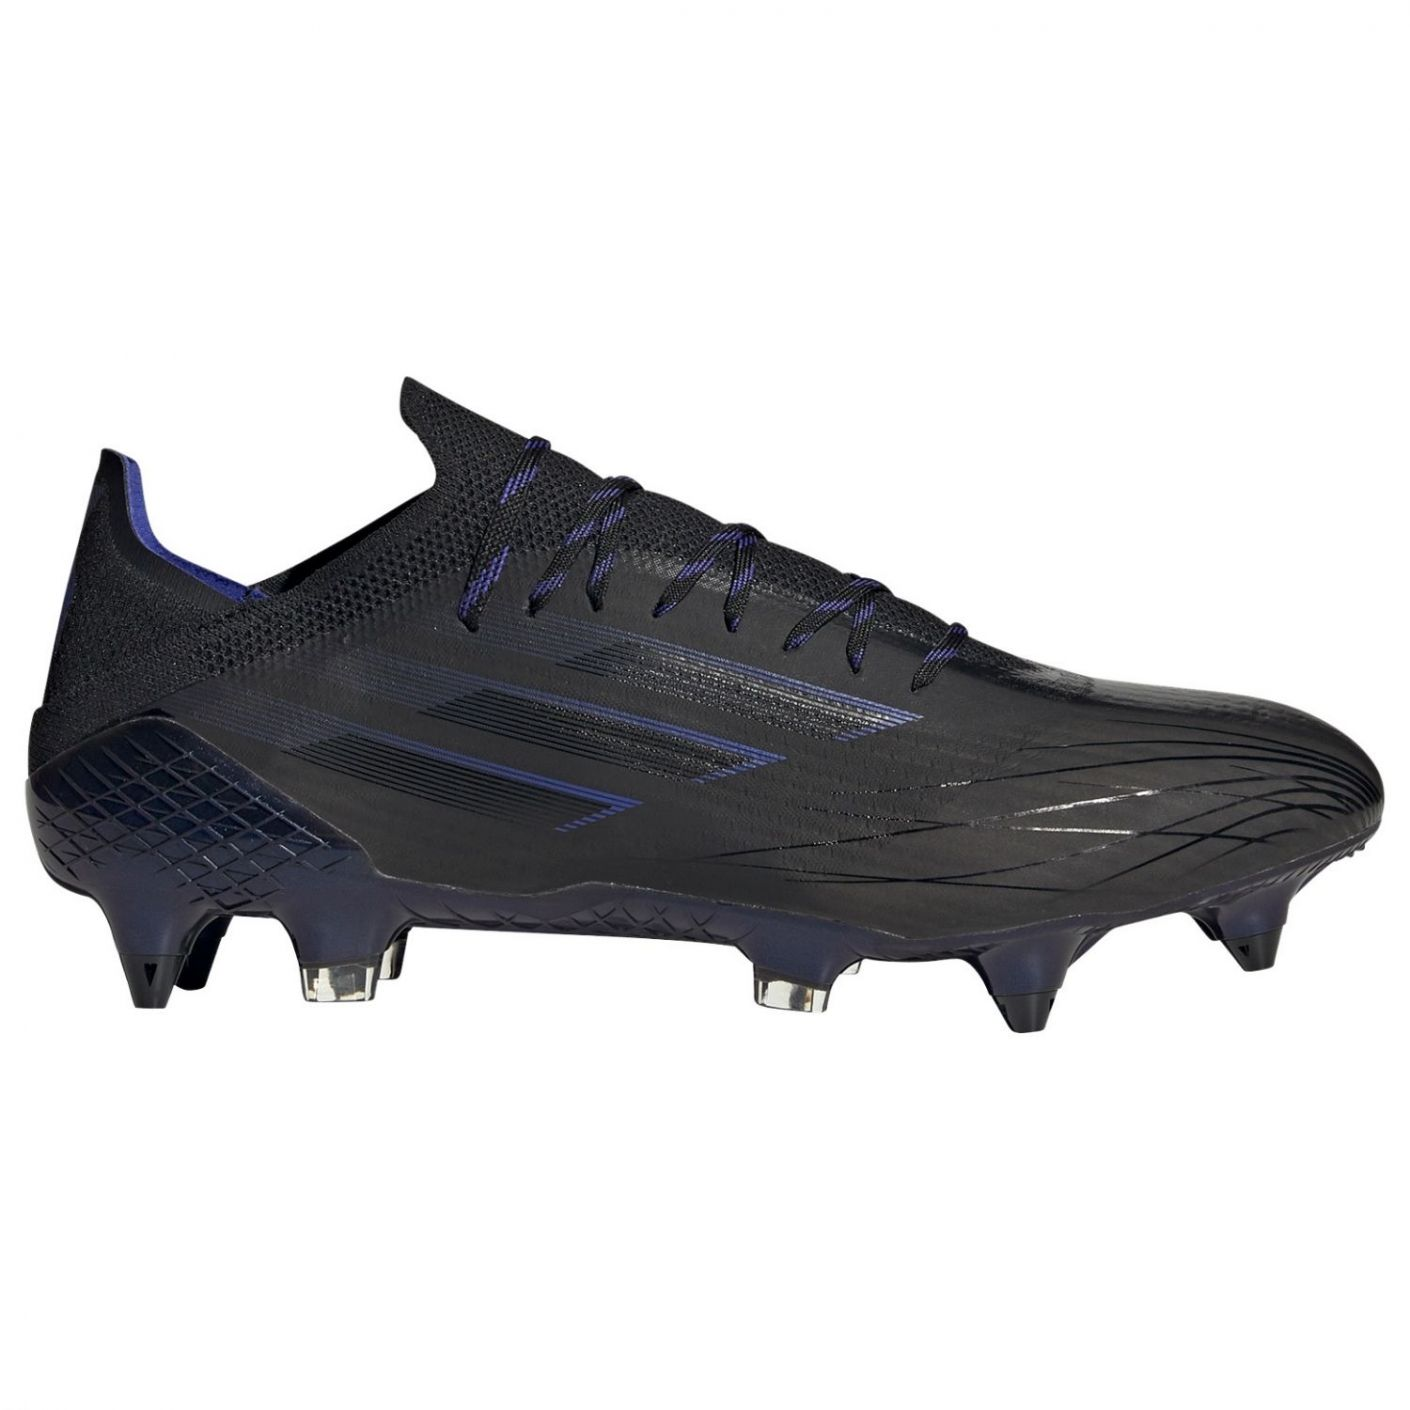 adidas X Speedflow.1 Ijzeren-nop Voetbalschoenen (SG) Zwart Blauw Geel